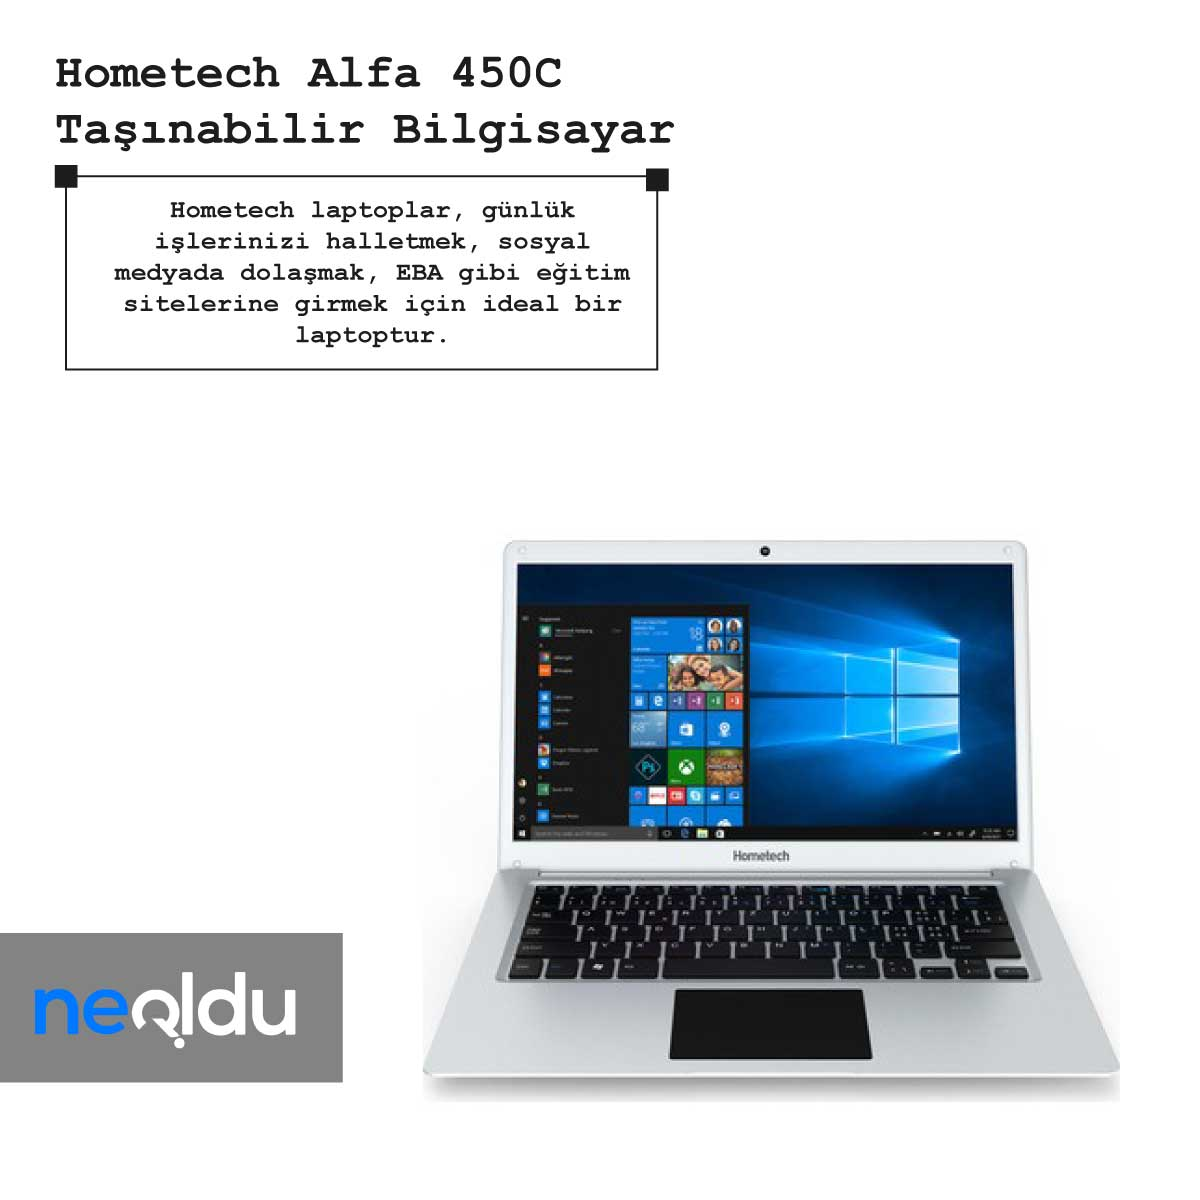 30004000-tl-arasi-en-iyi-laptop-model-tavsiyeleri-004.jpg